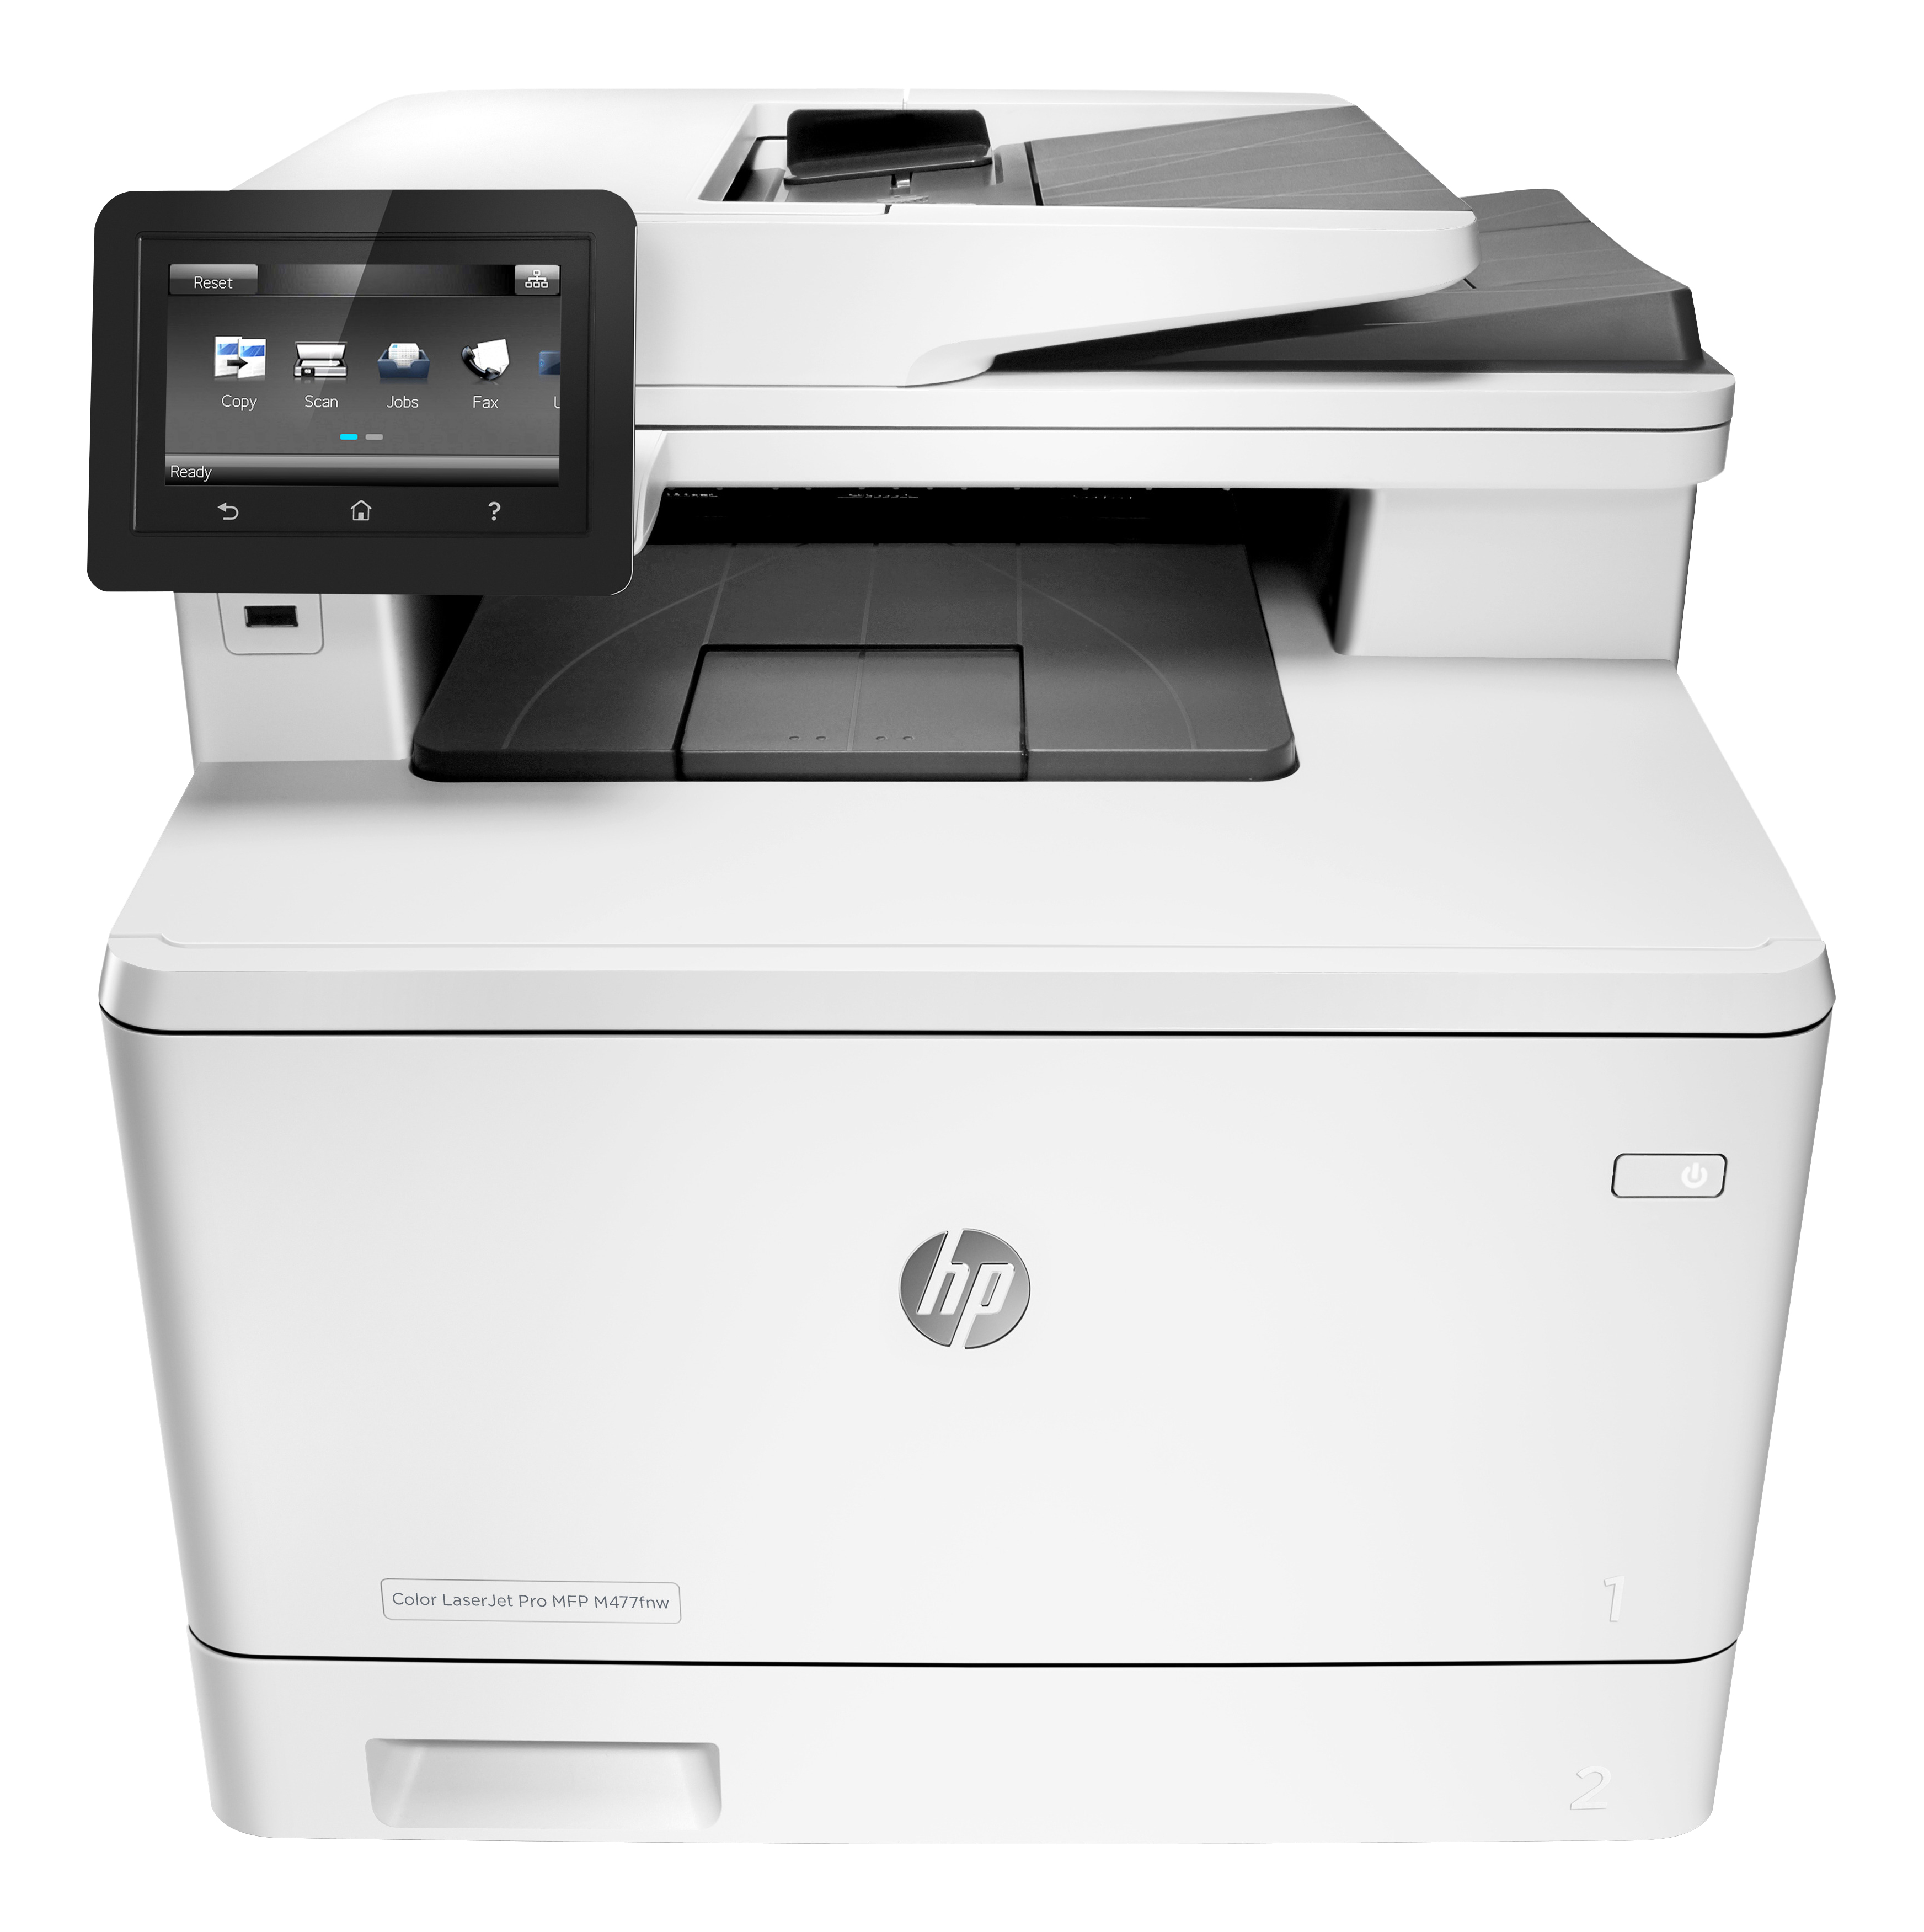 HP LaserJet Pro M477fnw Wireless Laser All-In-One Color Printer